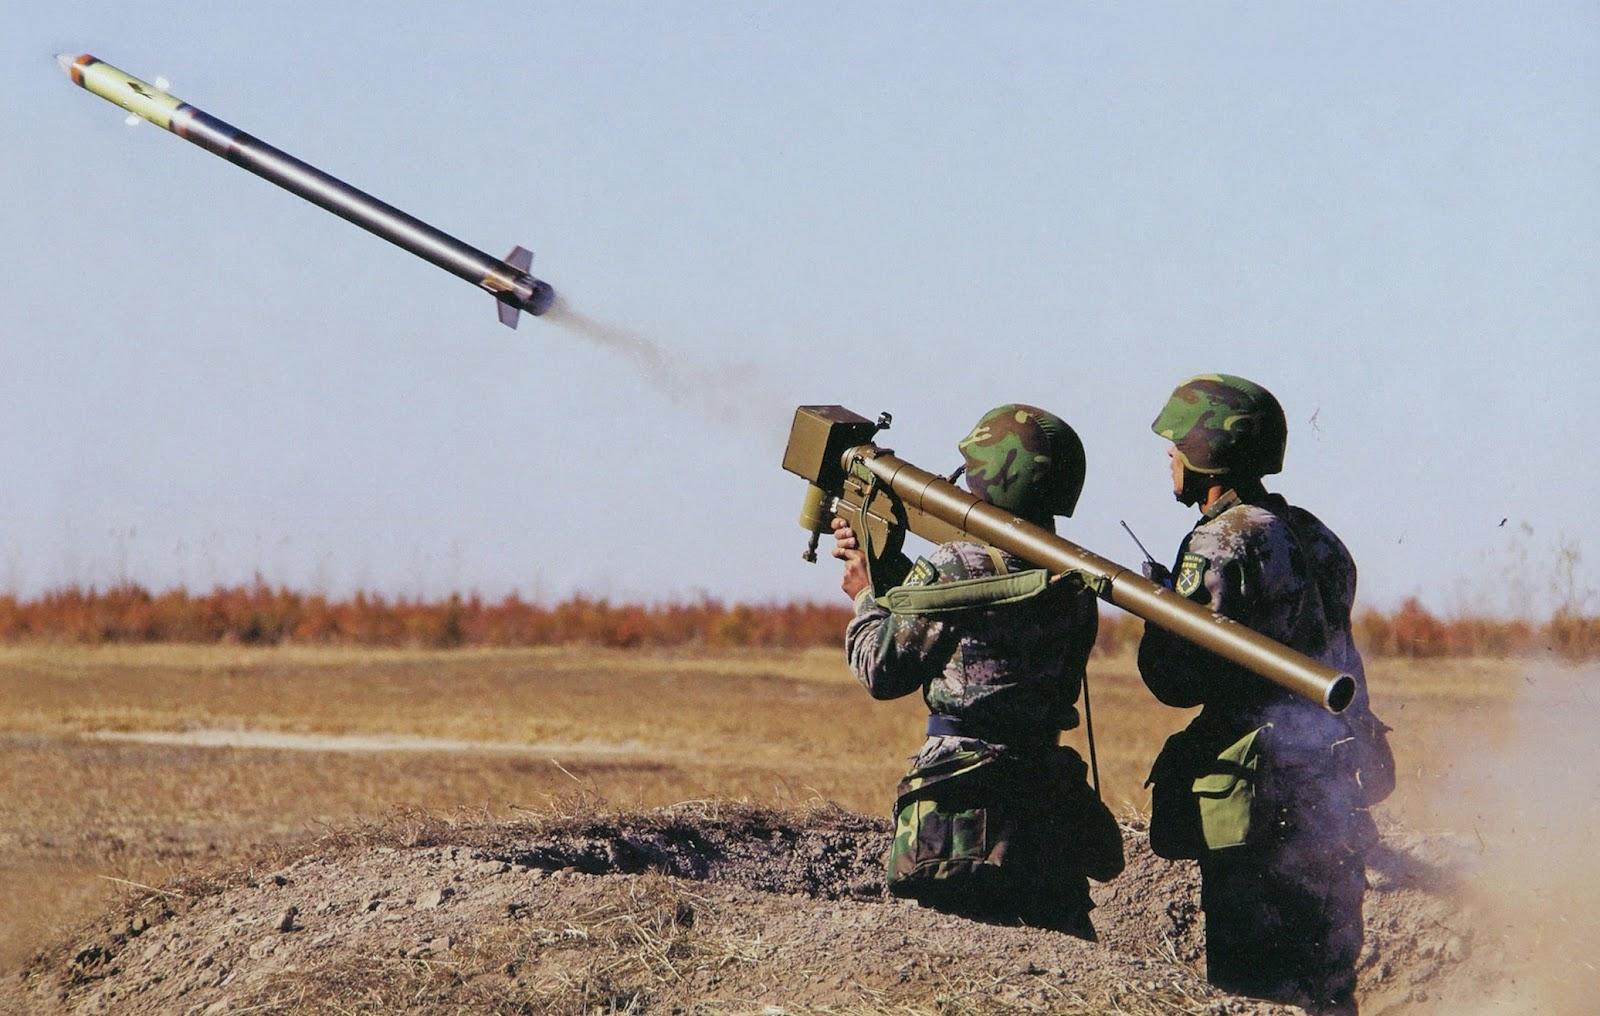 La nuova strategia di Obama in Siria: fornire missili ai ribelli